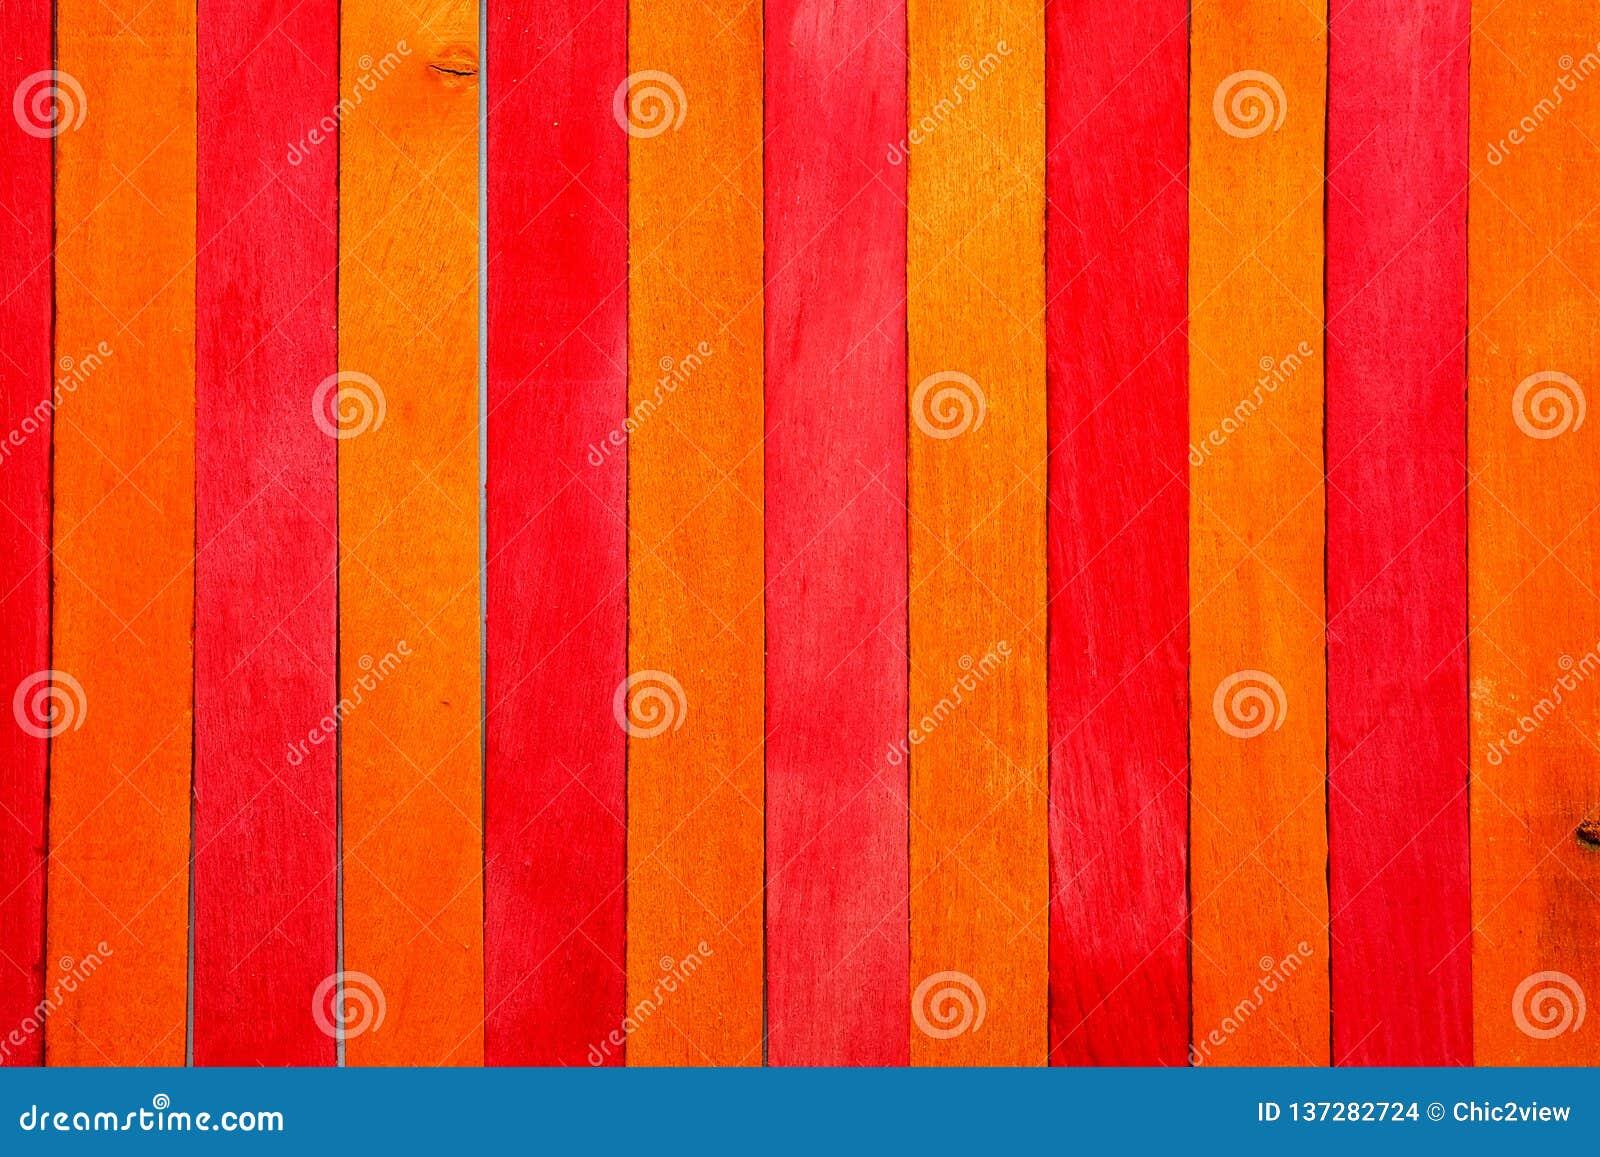 Ecrire Sur Panneau Bois fond en bois de texture de cloison de séparation de thème